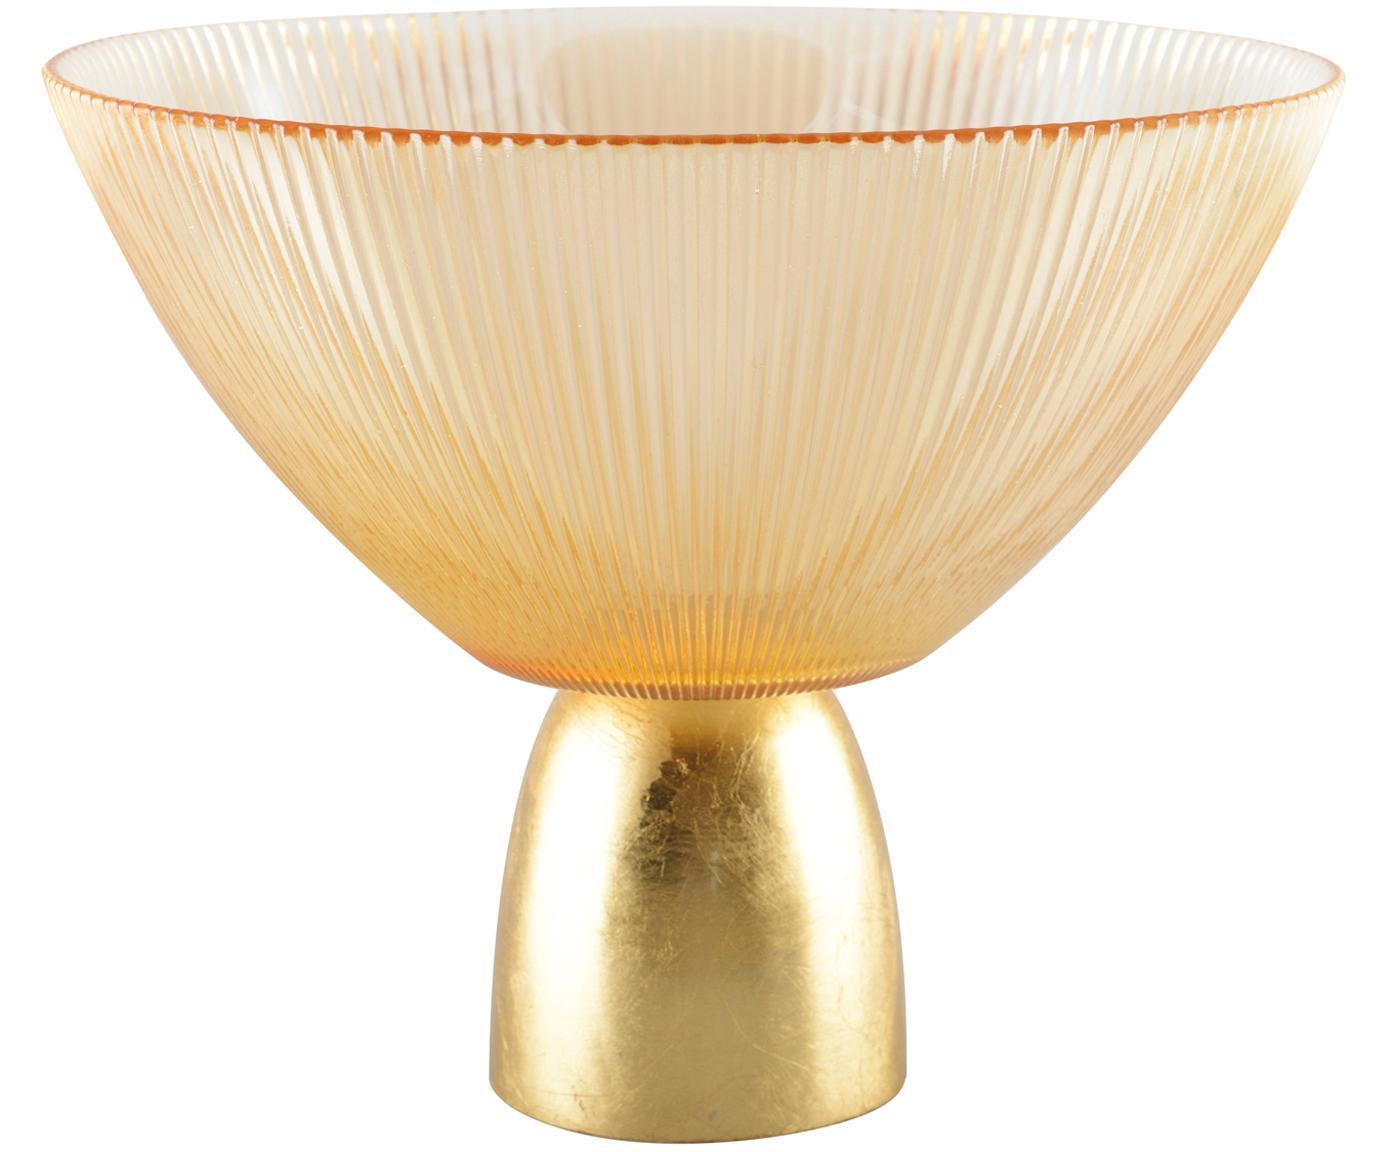 Ciotola decorativa Luster, Vetro, metallo, Ambra, trasparente, dorato, Ø 22 cm